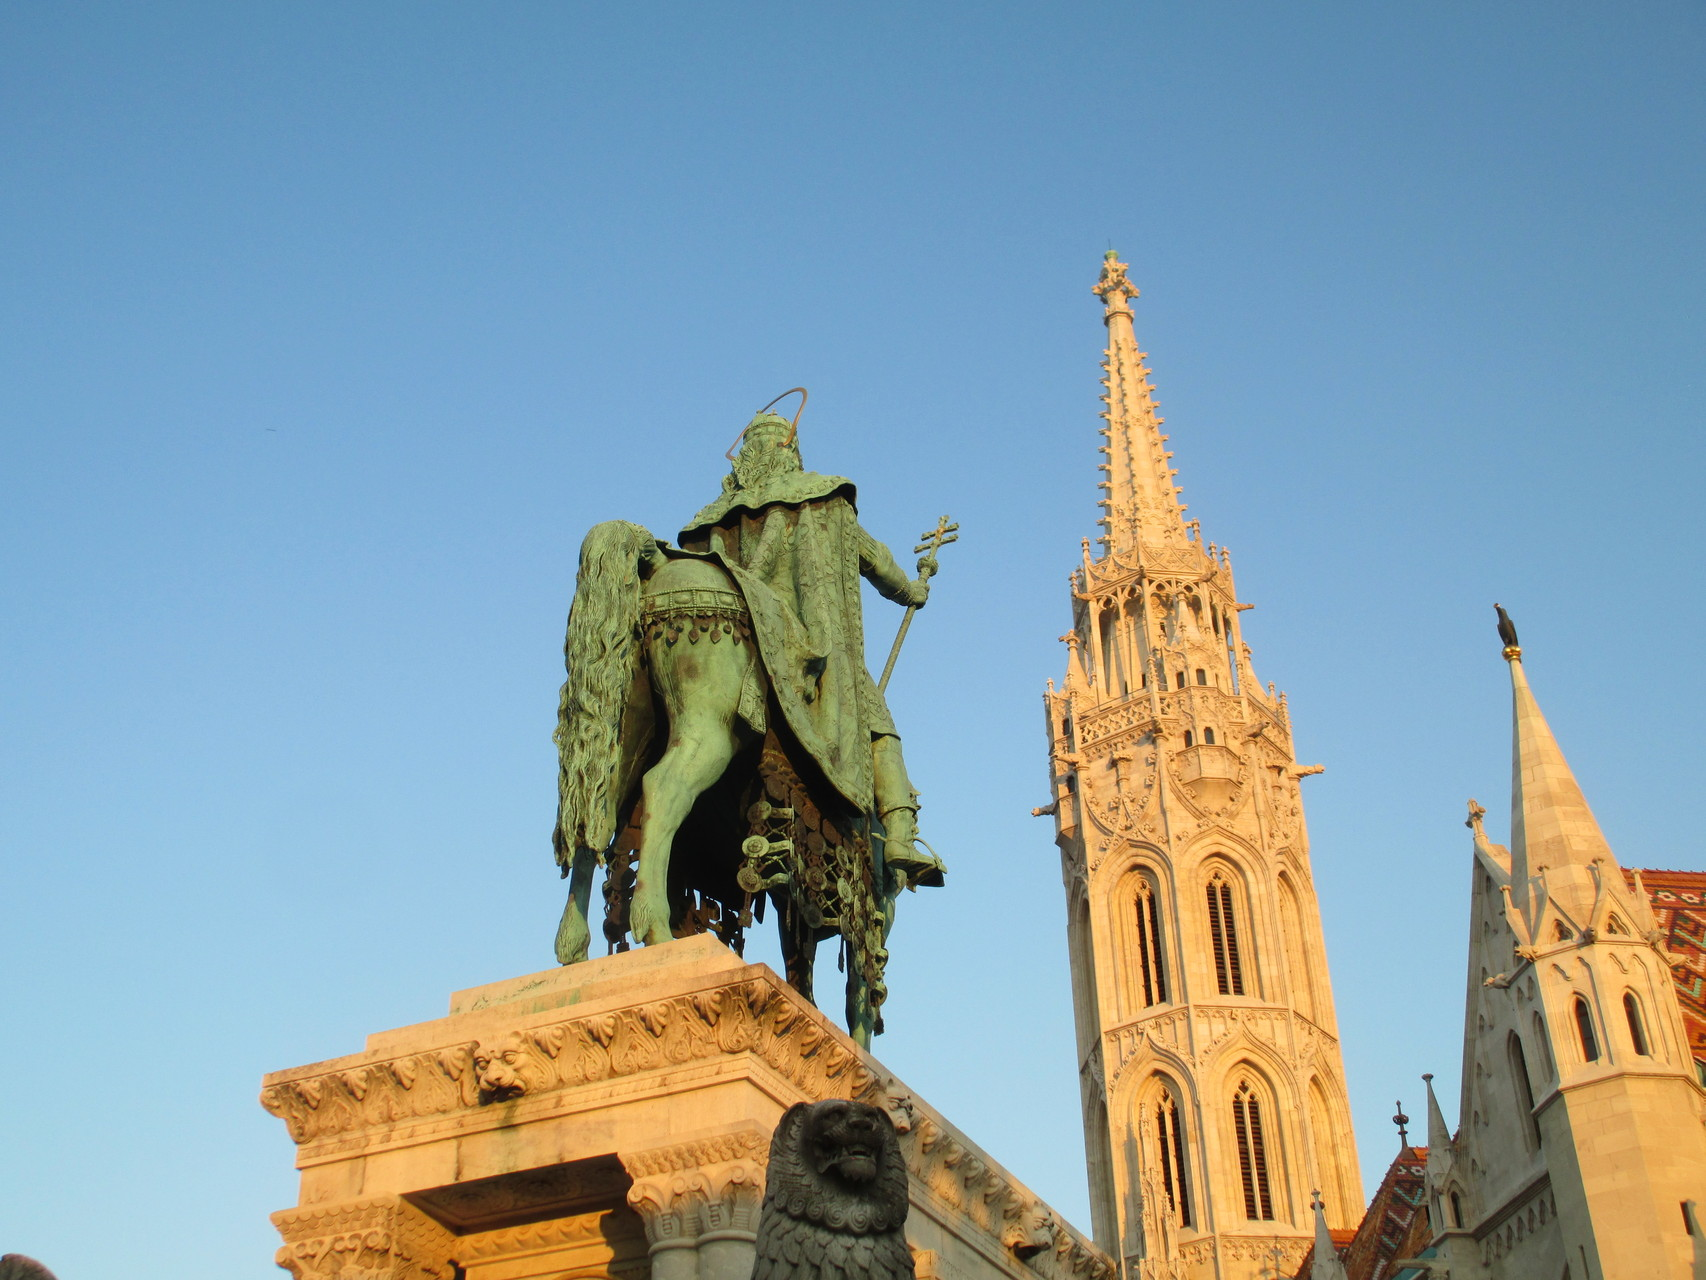 マーチャーシュ教会前にある聖イシュトヴァーン像